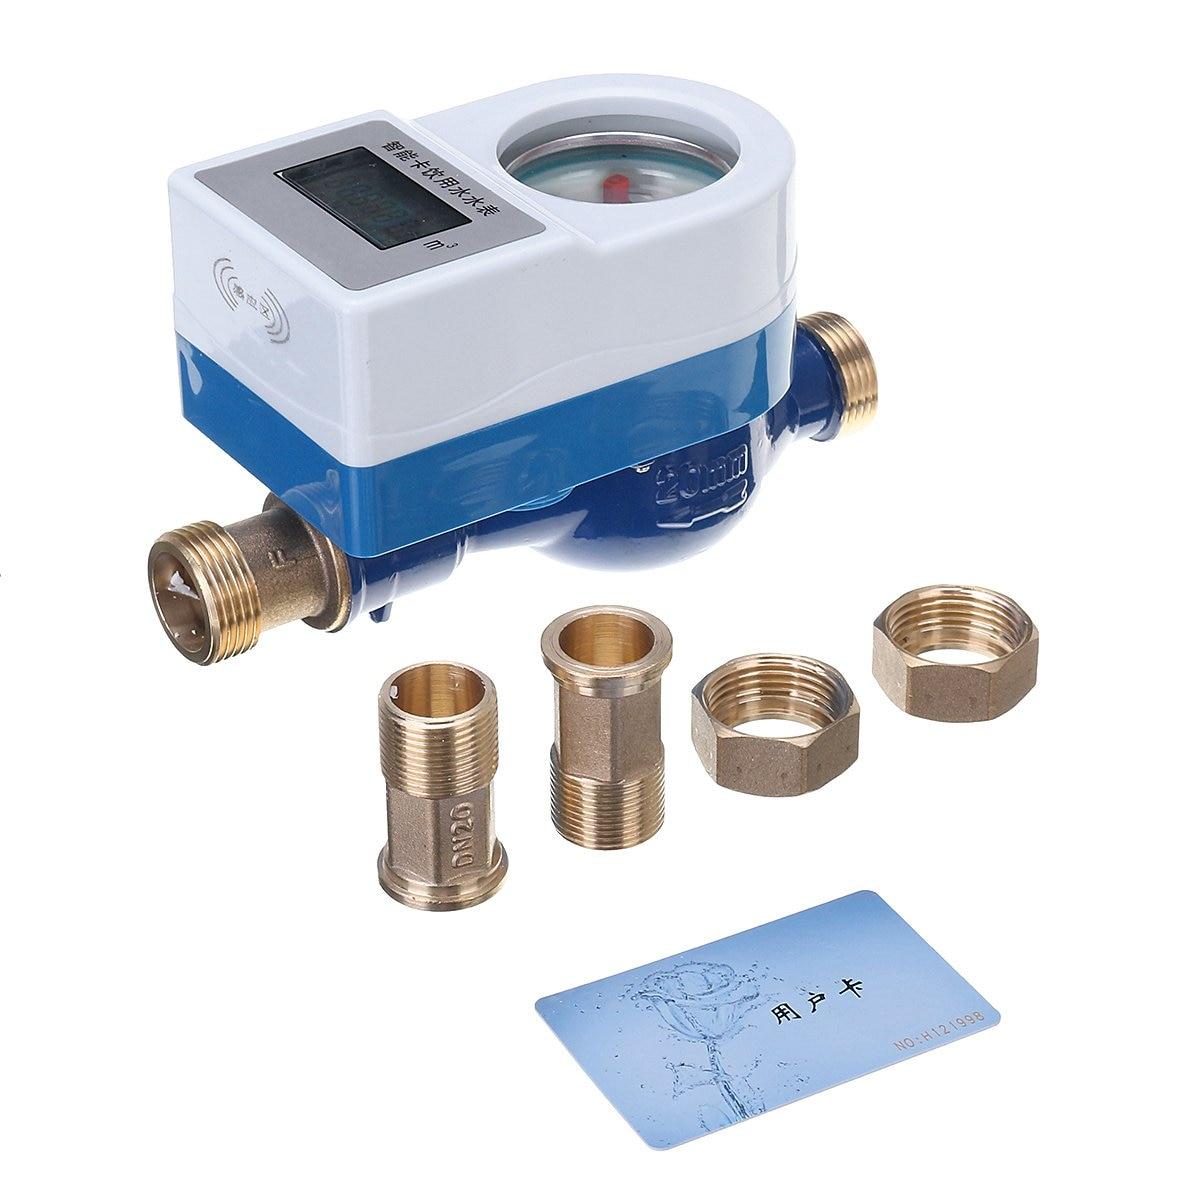 Compteur d'eau froide intelligent sans fil robinet de mesure en cuivre outils de jardin maison compteur rotatif compteur d'eau froide Table de mesure 15/20mm